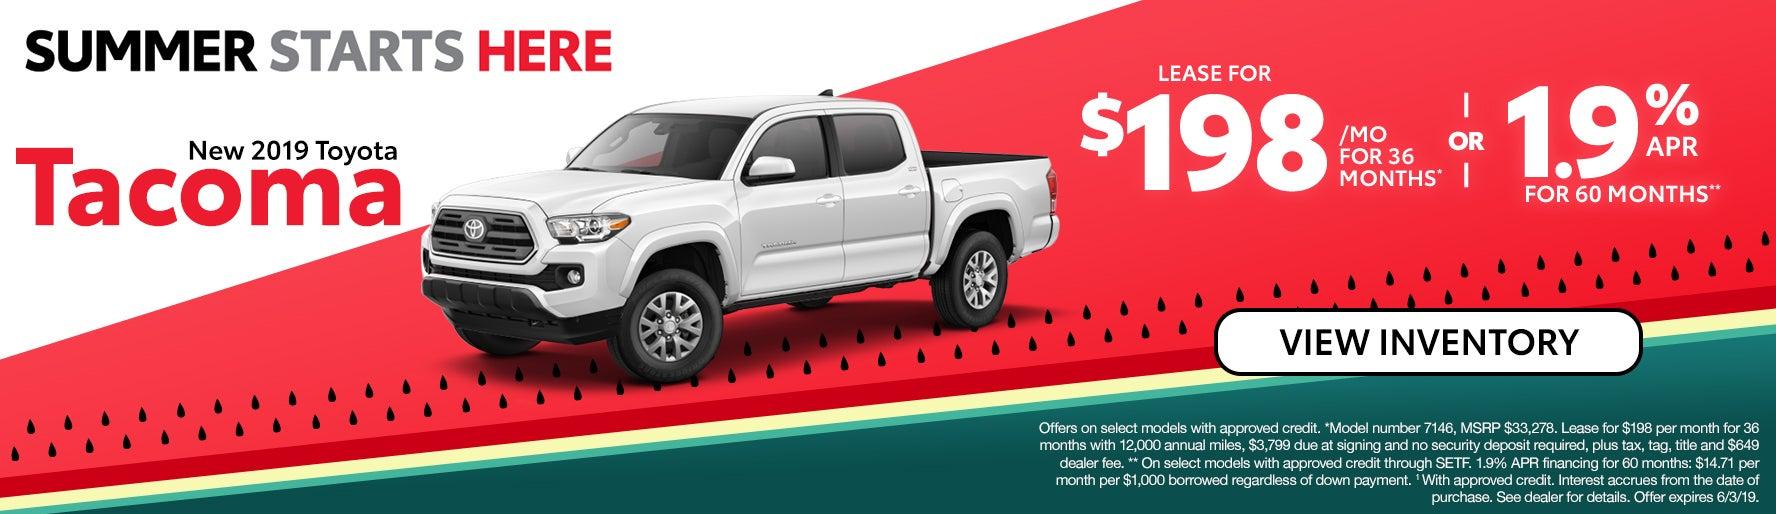 Honda Dealership Mobile Al >> Mobile, AL Toyota Dealer | Serving Bay Minette, Daphne, Foley, Theodore, Semmes and Baldwin ...